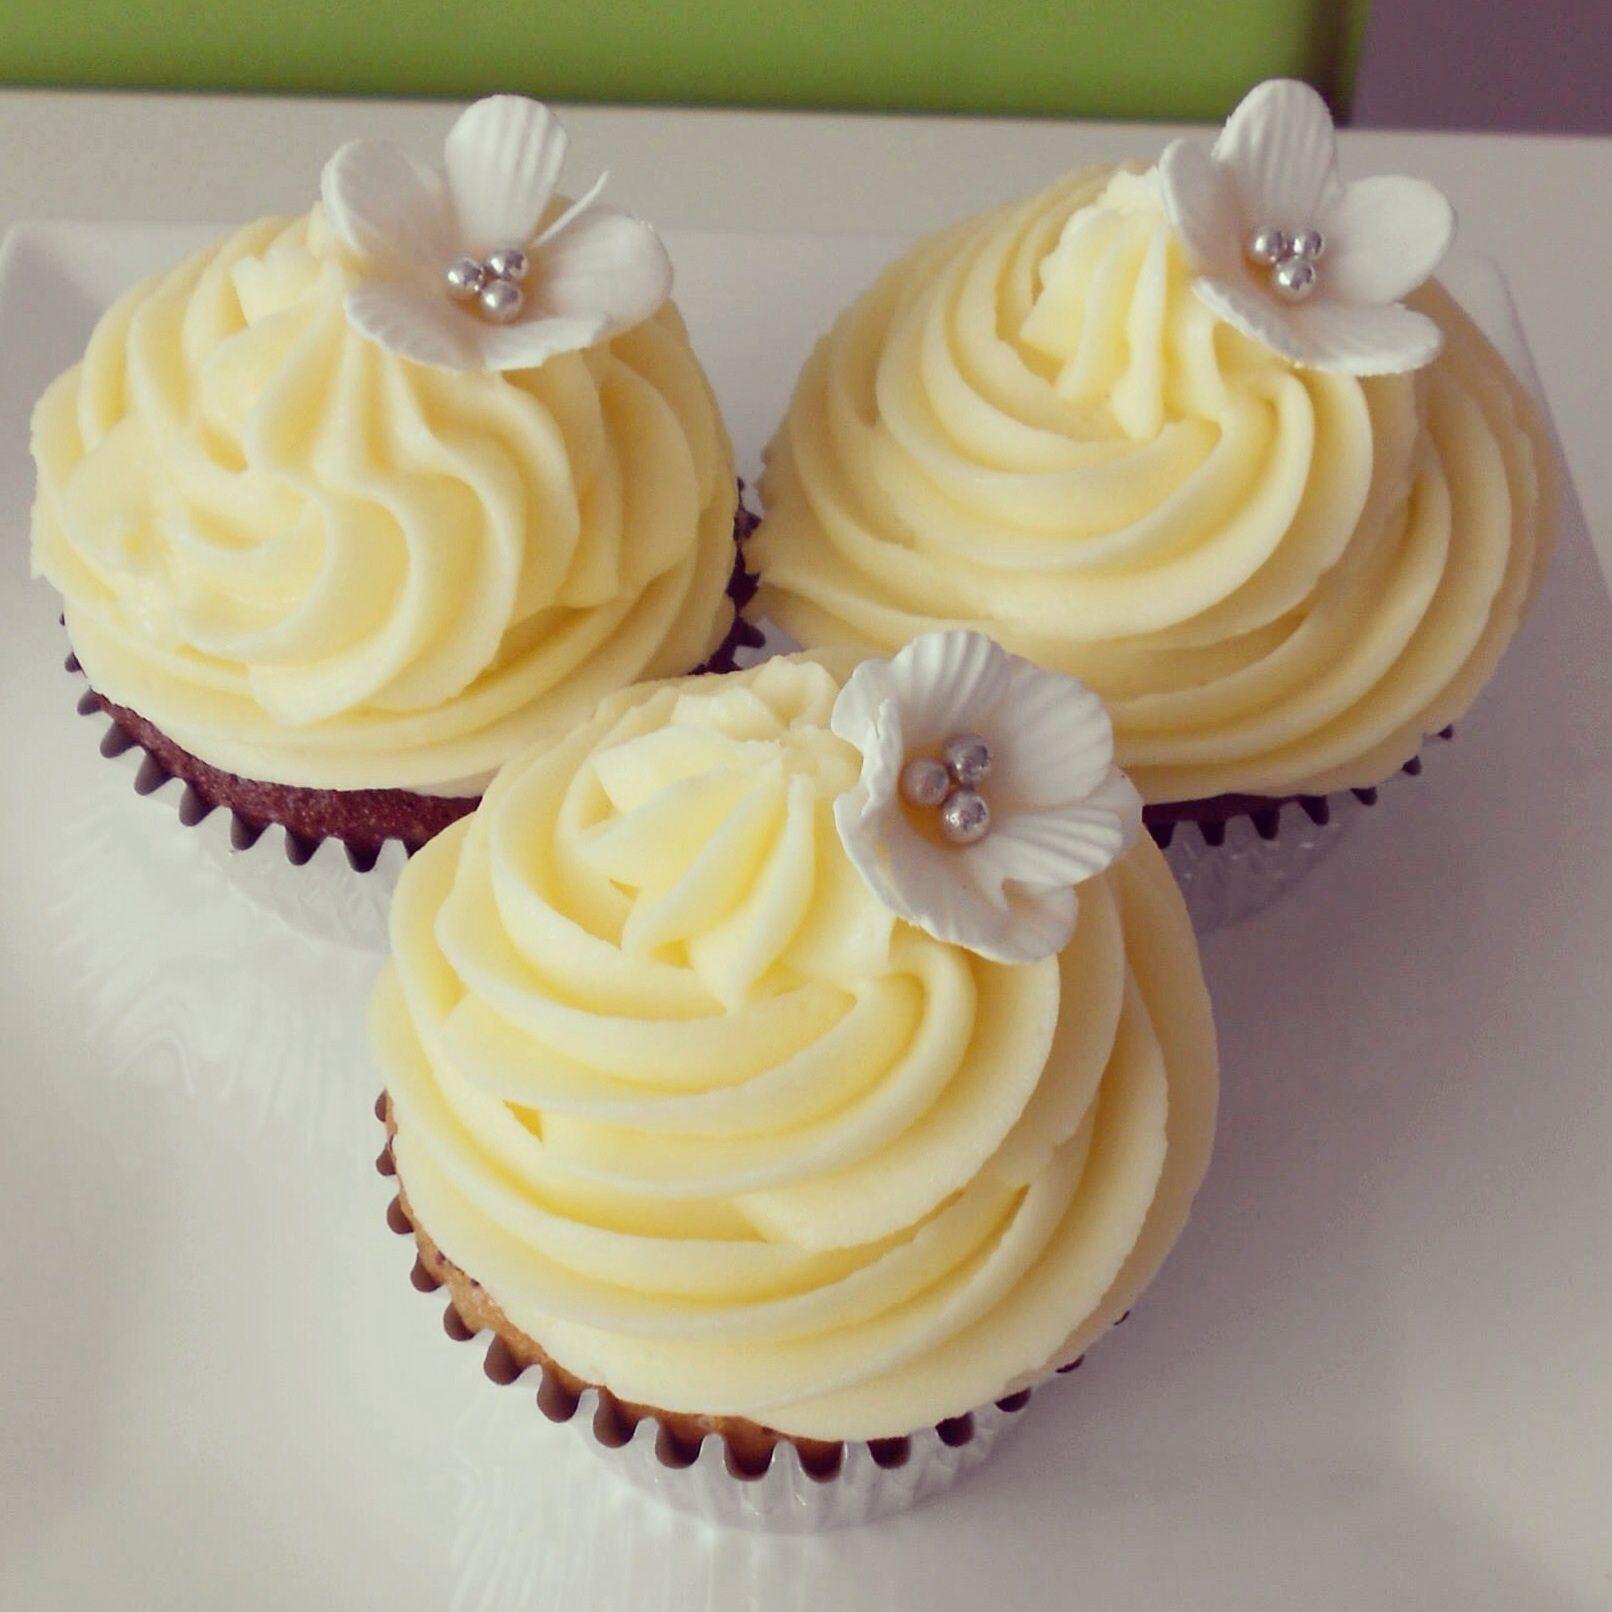 cupcakes decorados con fondant recetas - Buscar con Google